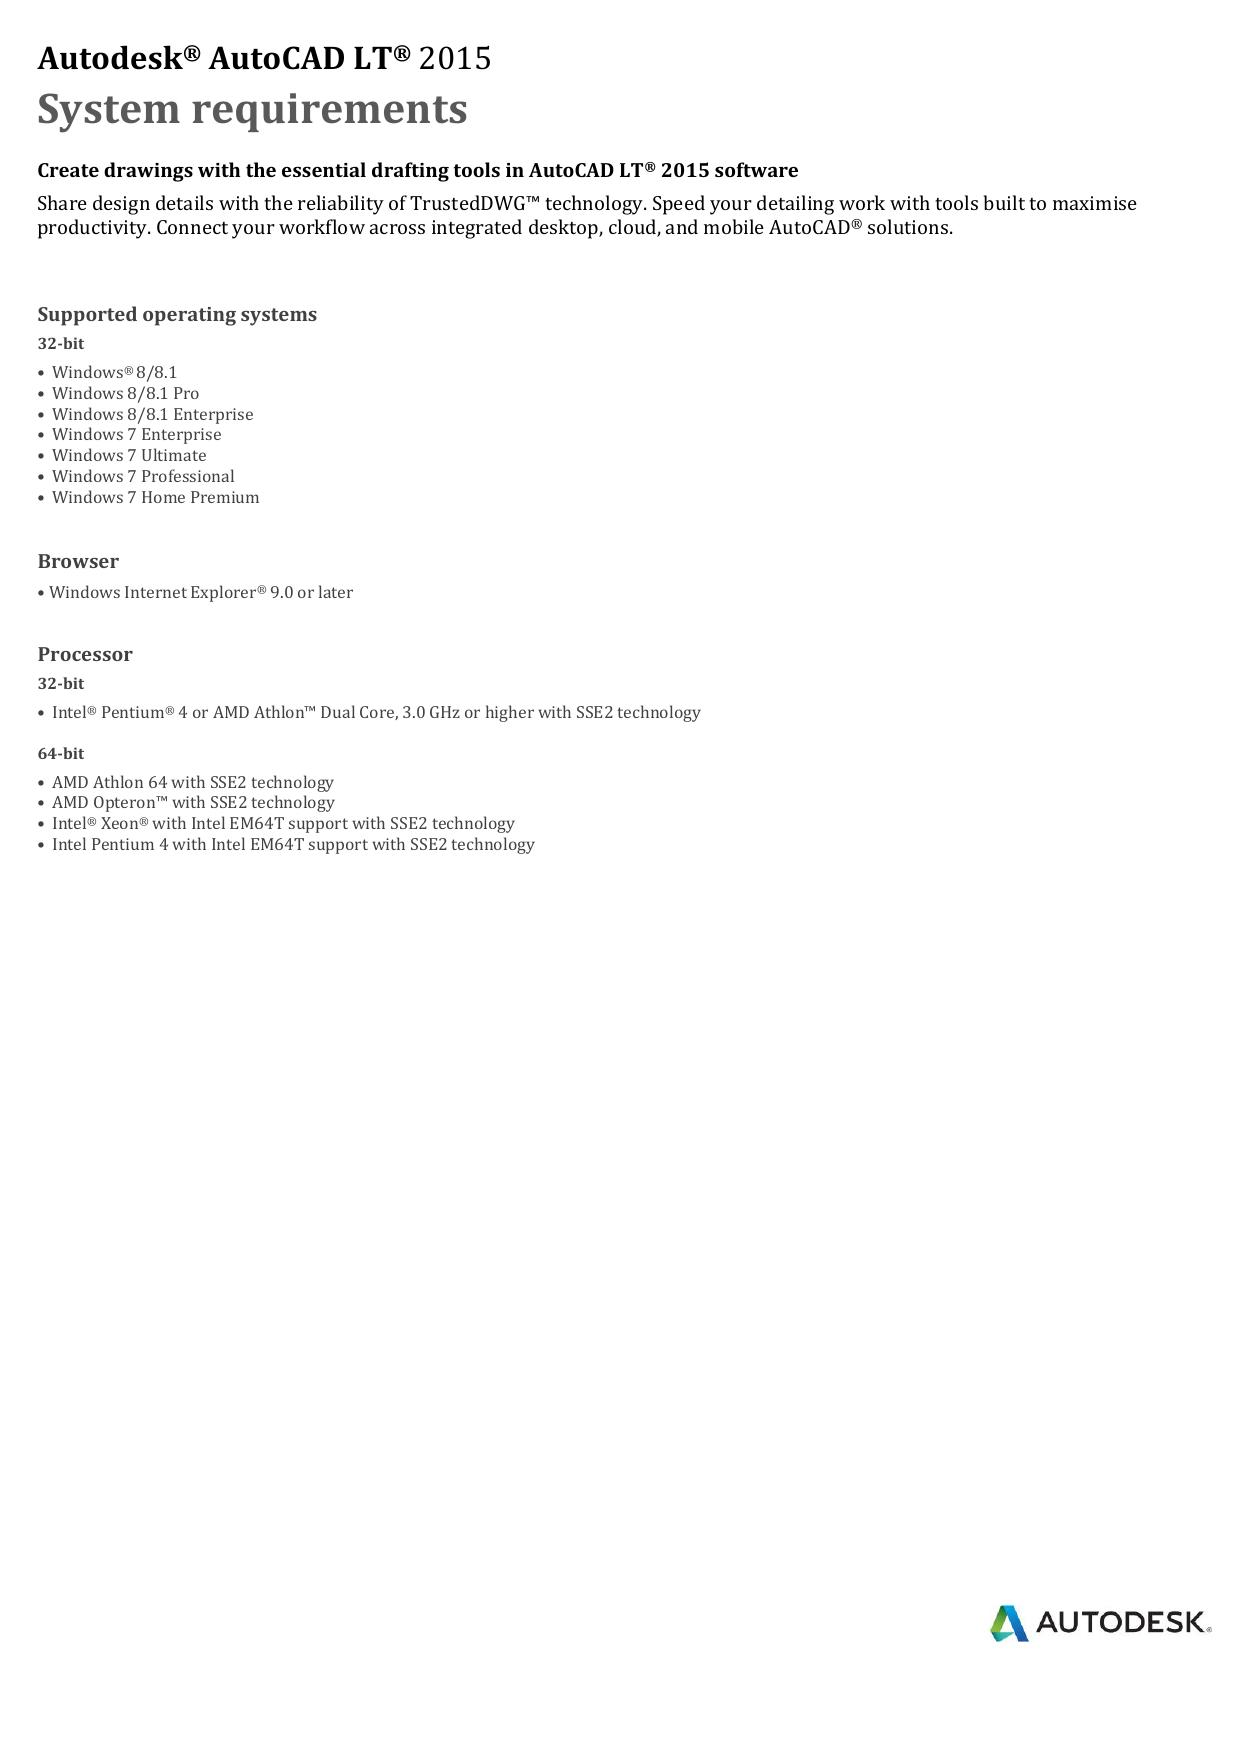 Autodesk AutoCAD LT System requirements | manualzz com